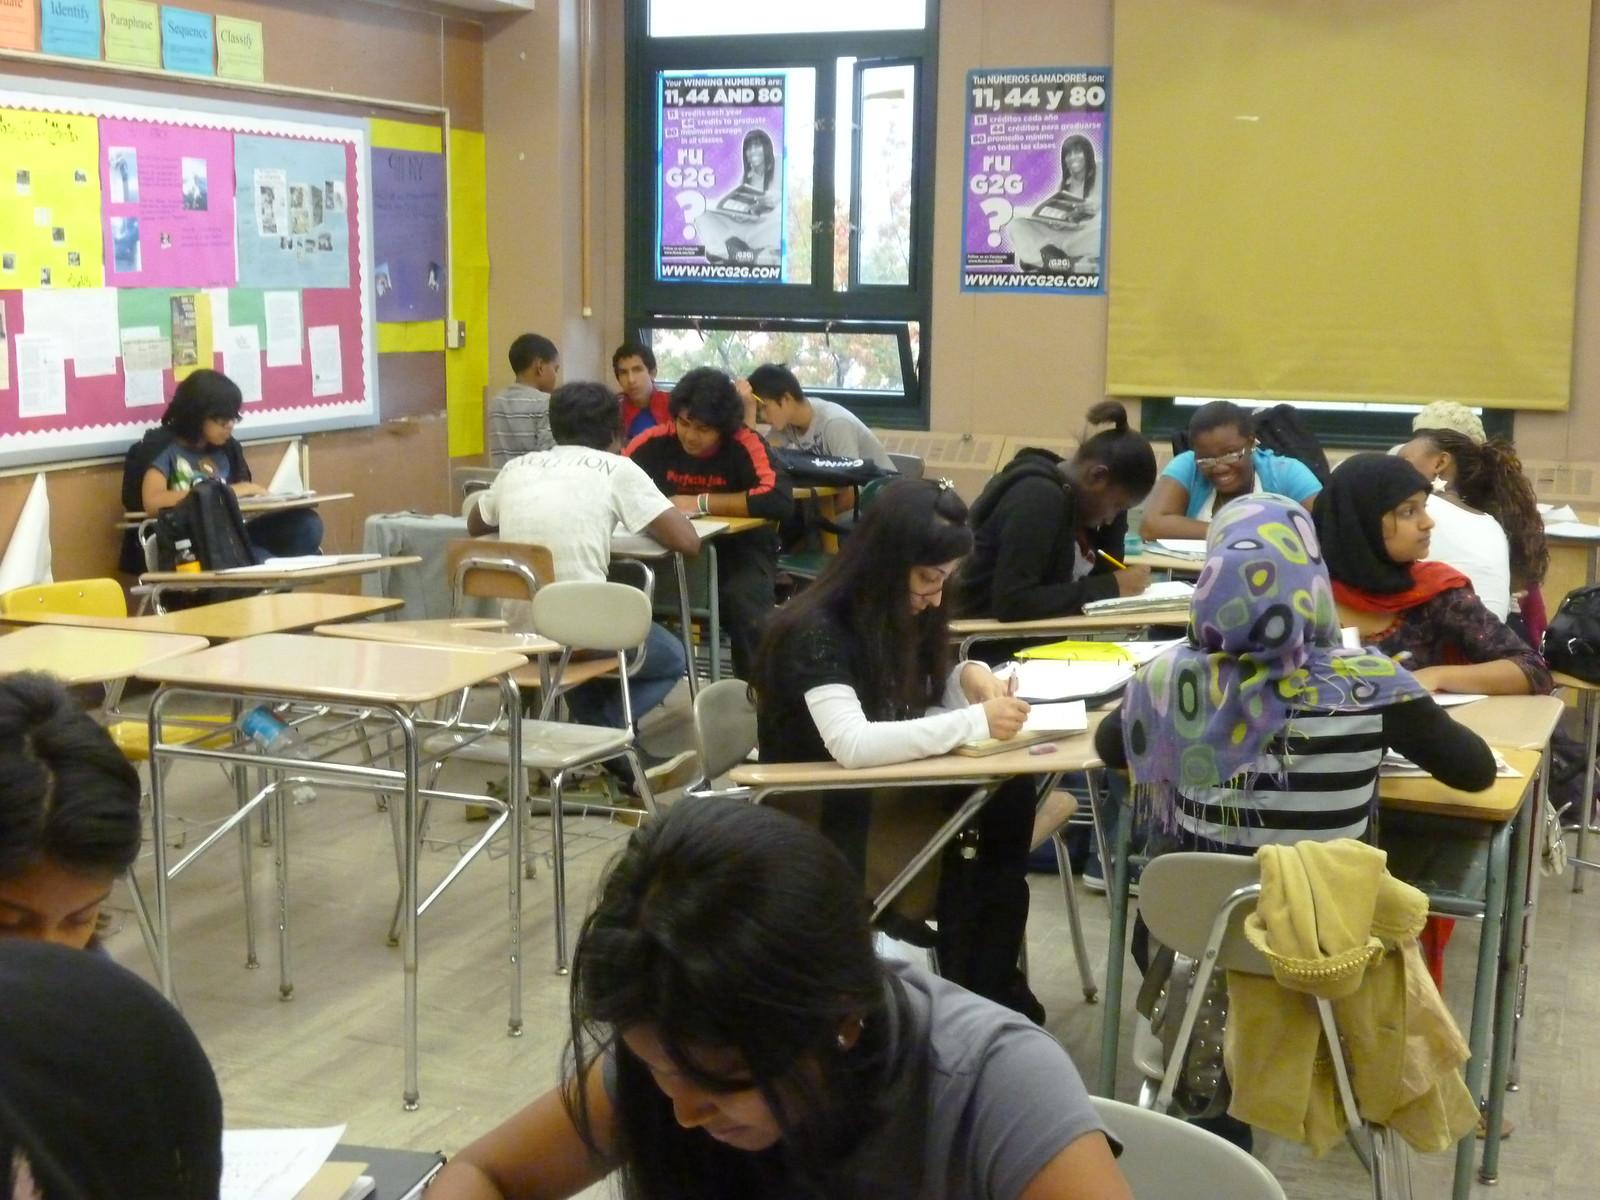 Hillcrest High School - District 28 - InsideSchools